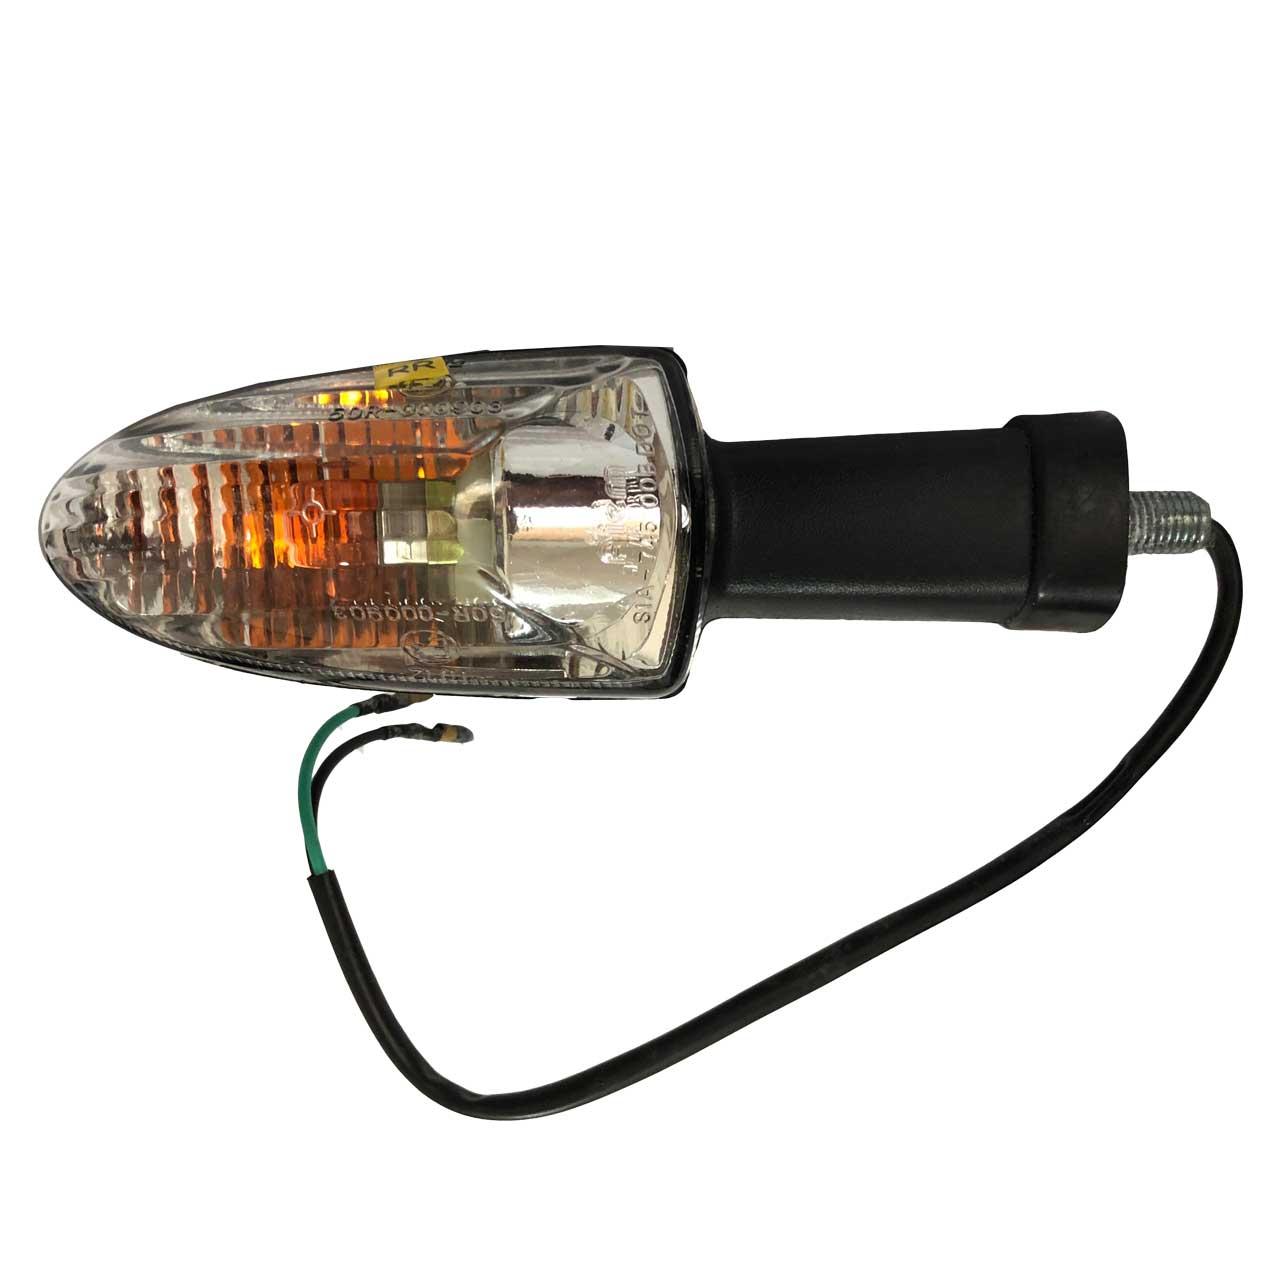 چراغ راهنما عقب چپ موتور سیکلت تی وی اس مدل BL مناسب برای آپاچی